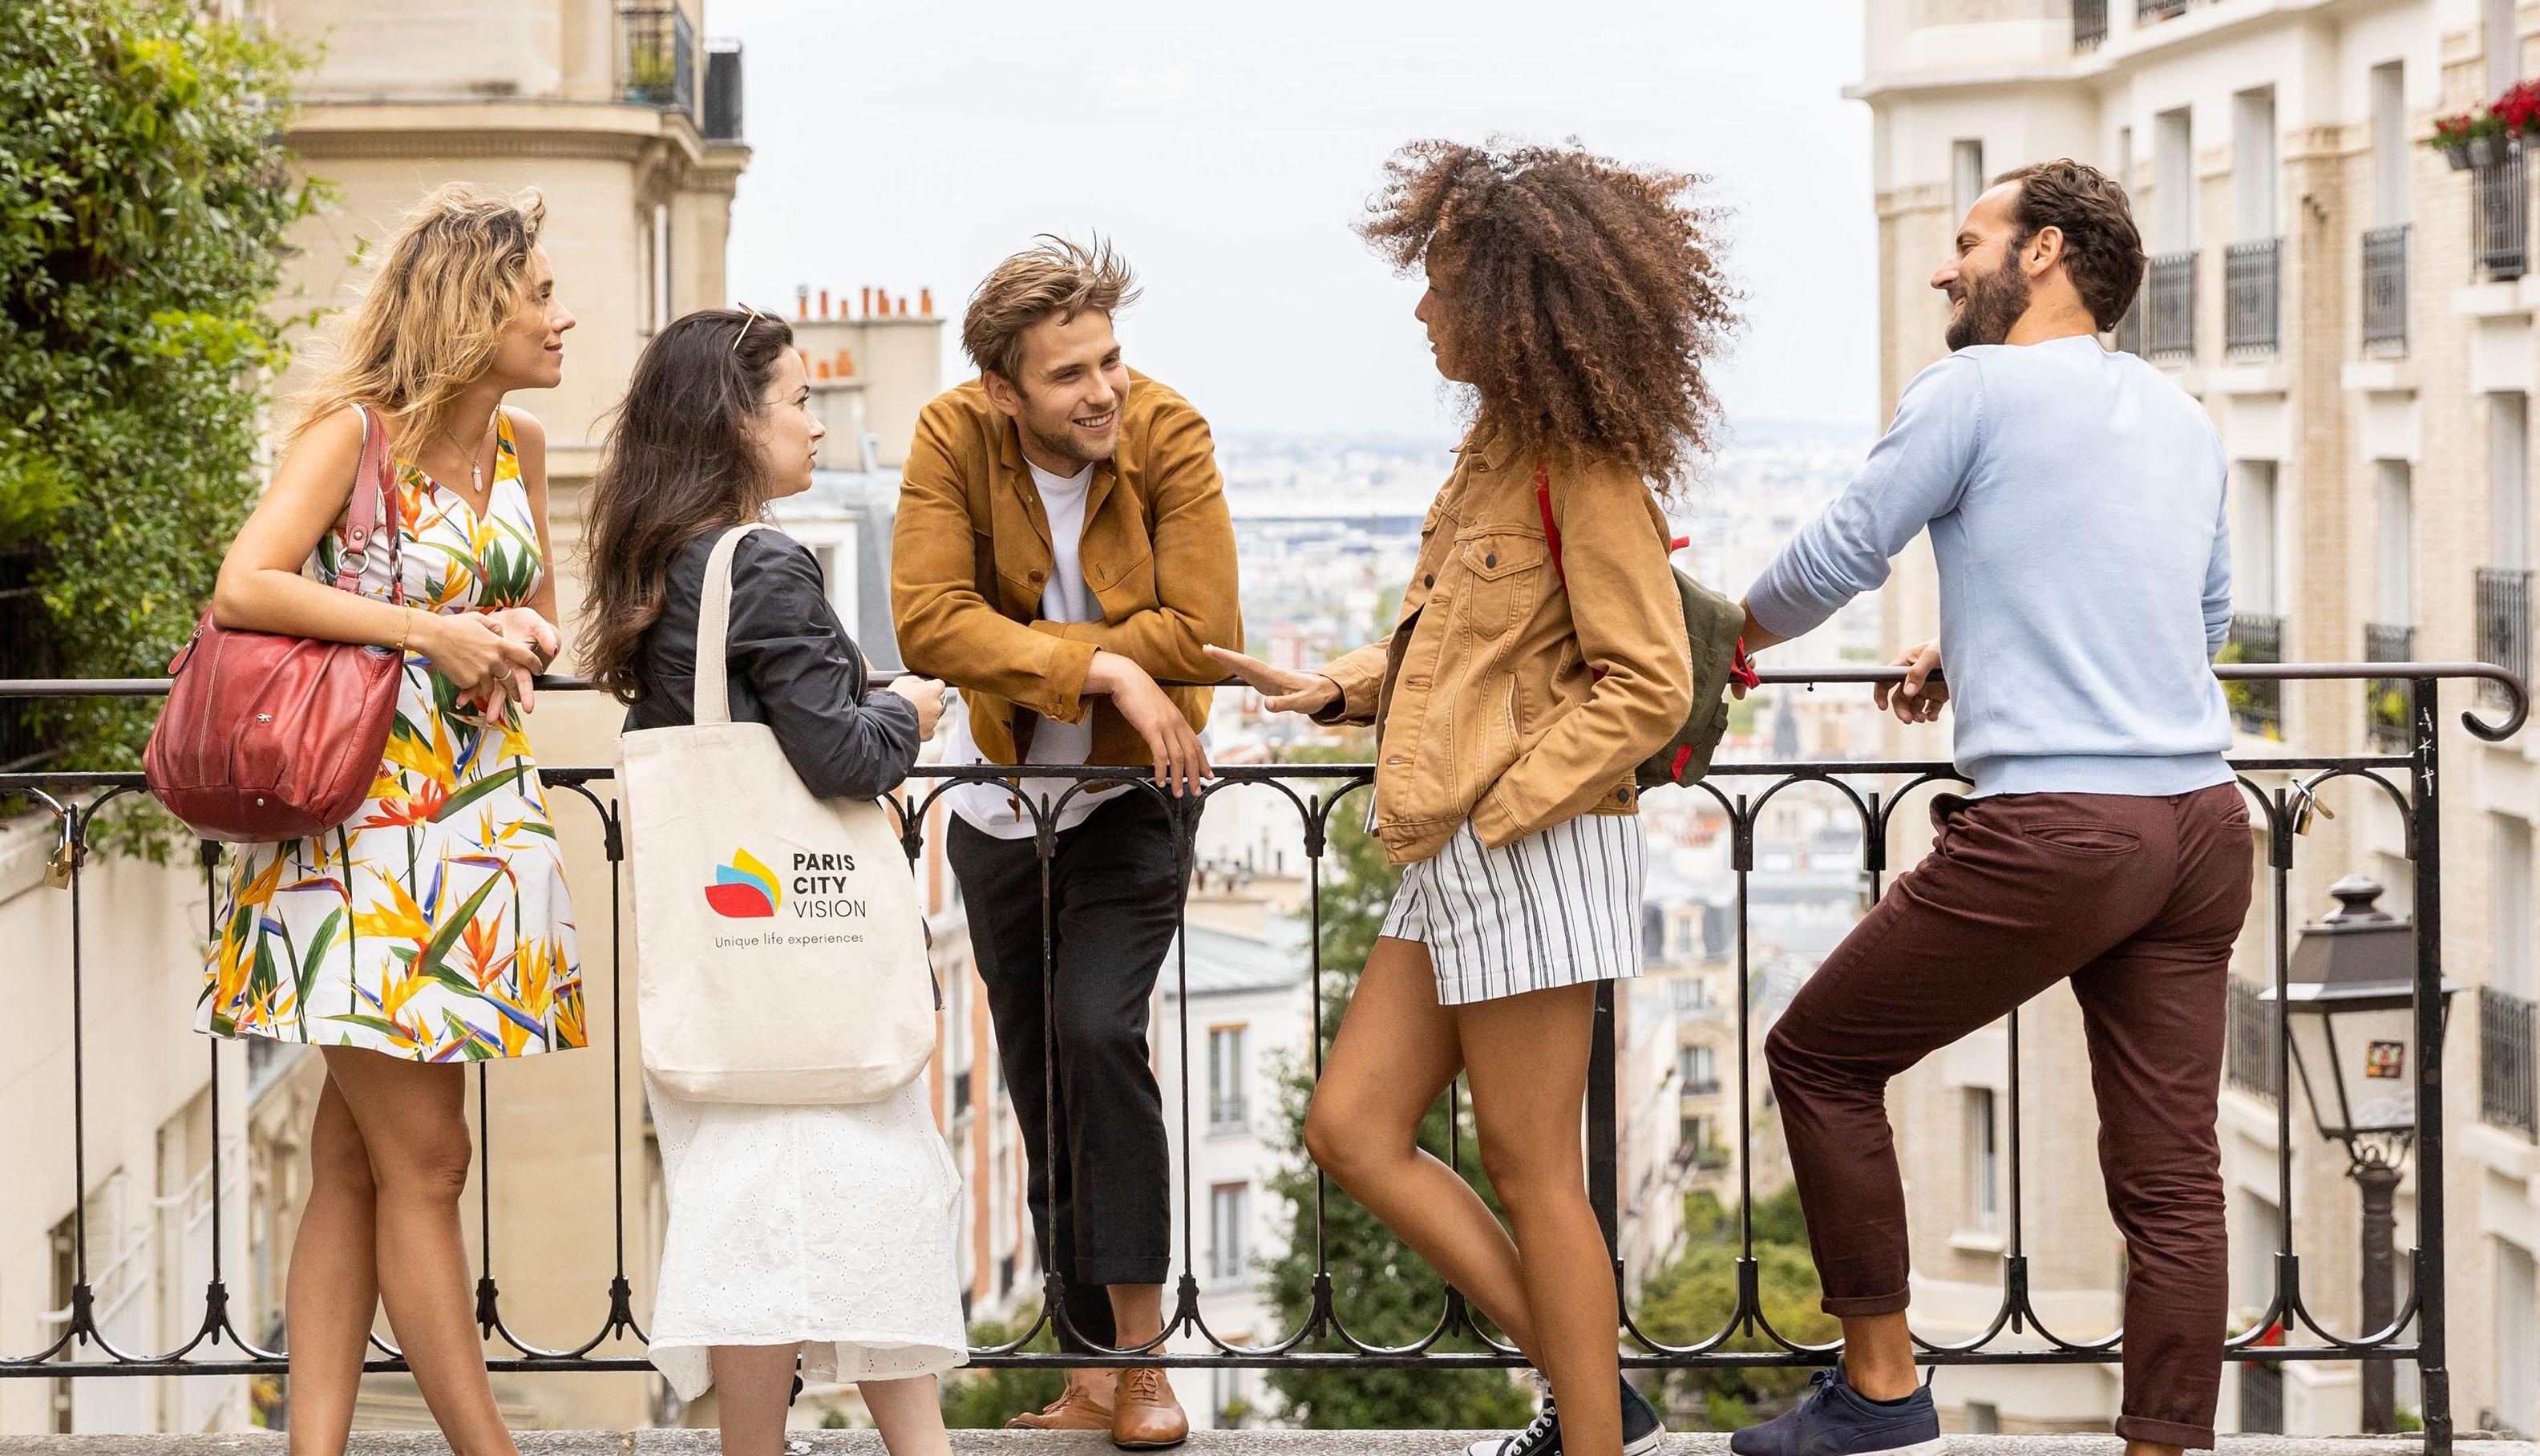 Walk through Montmartre district